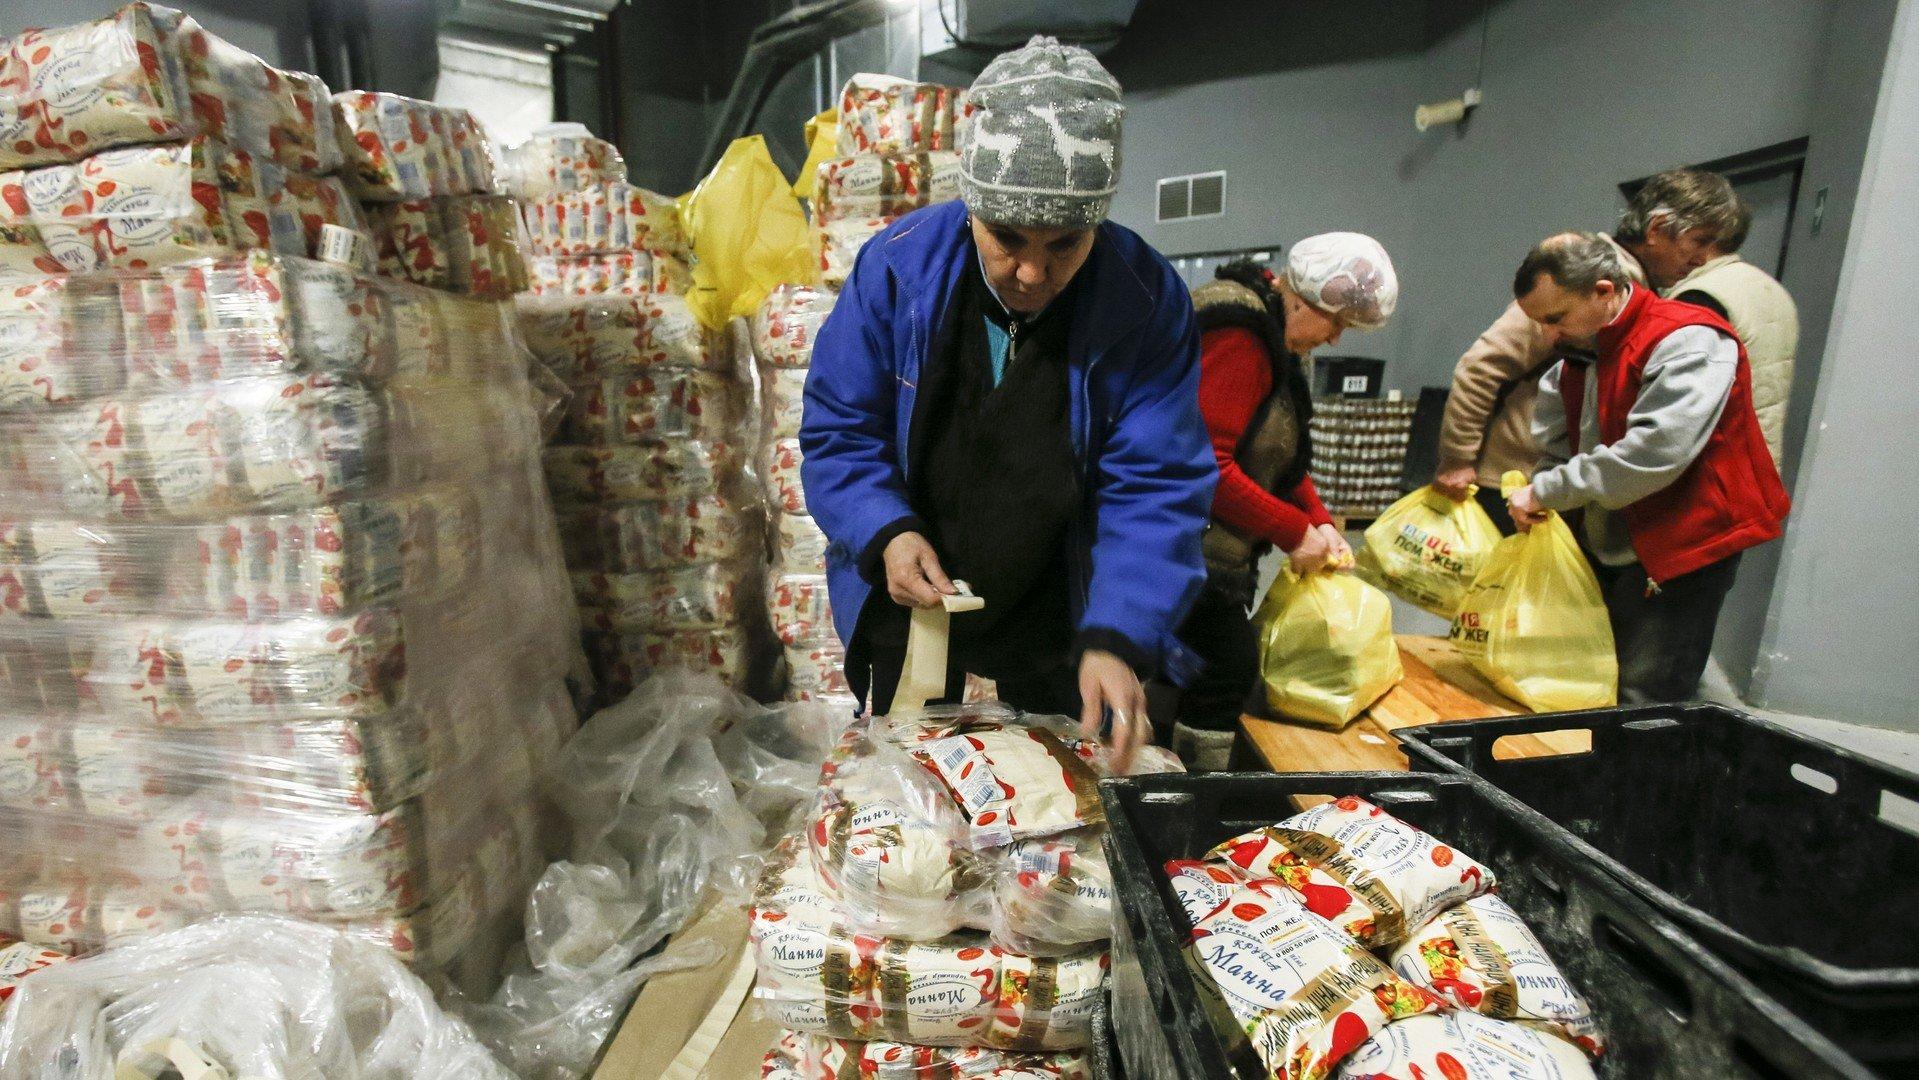 La guerre a transformé le meilleur stade d'Europe situé en Ukraine en une immense ligne d'emballage